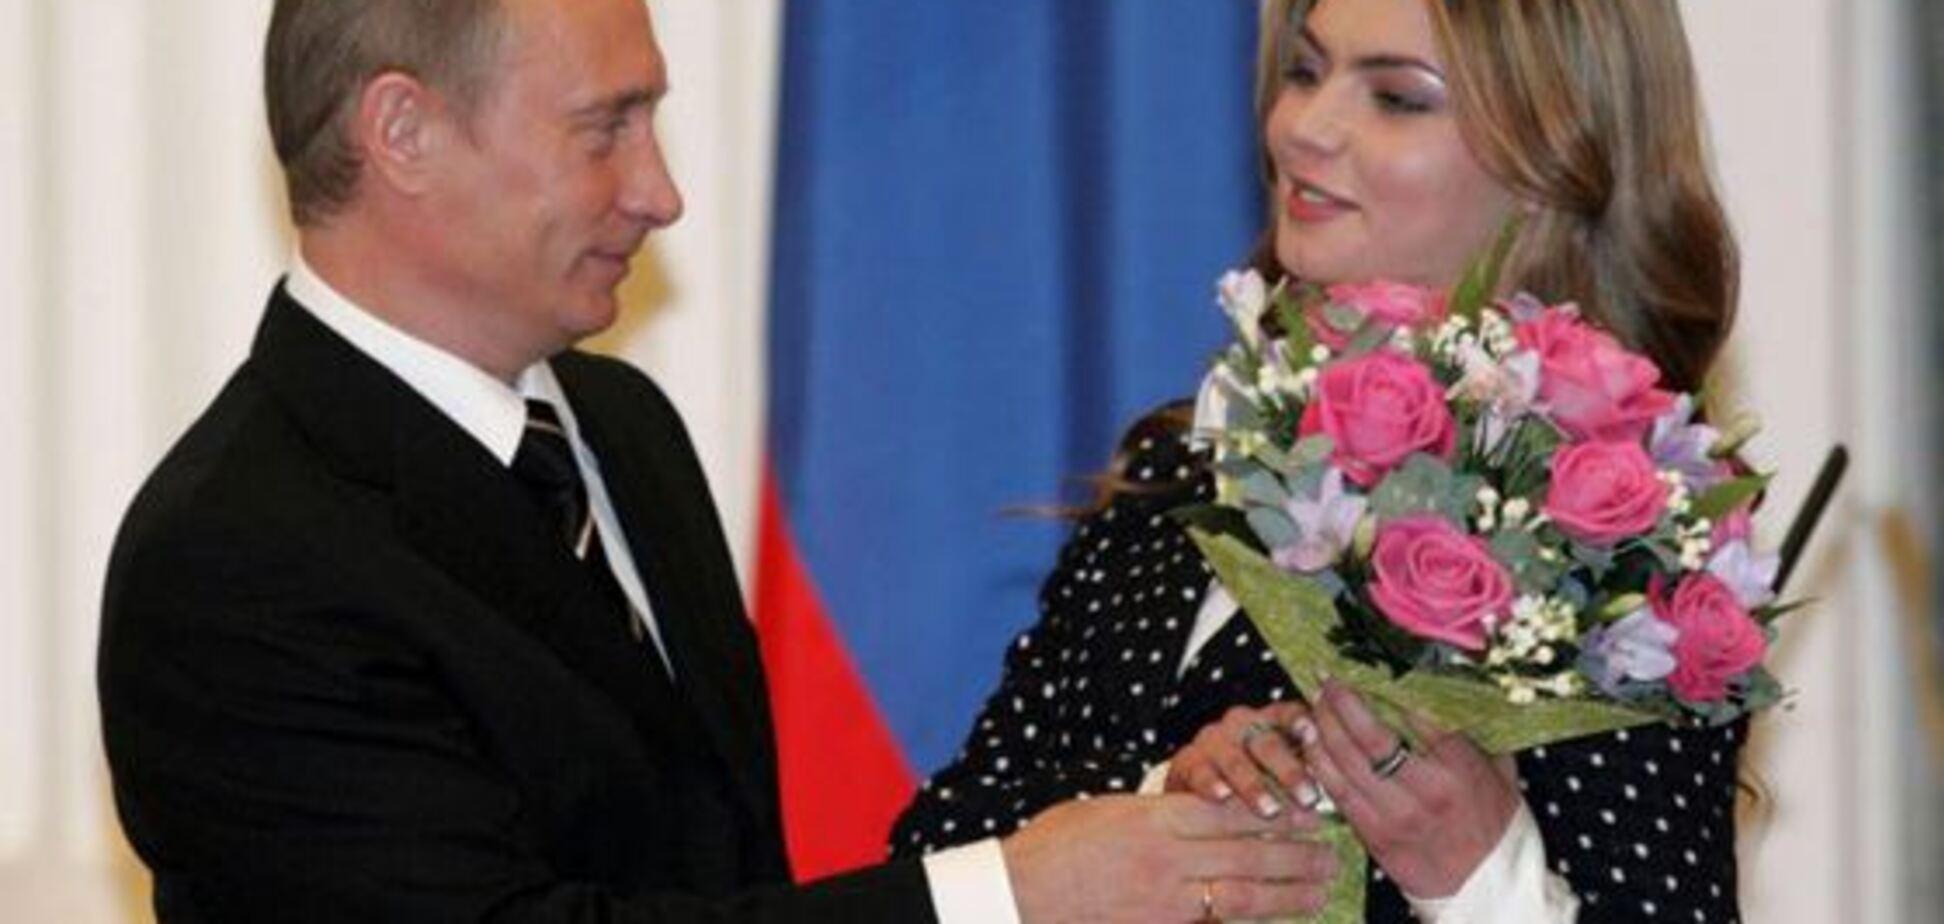 Коханка Путіна визвірилась на МОК через приниження Росії